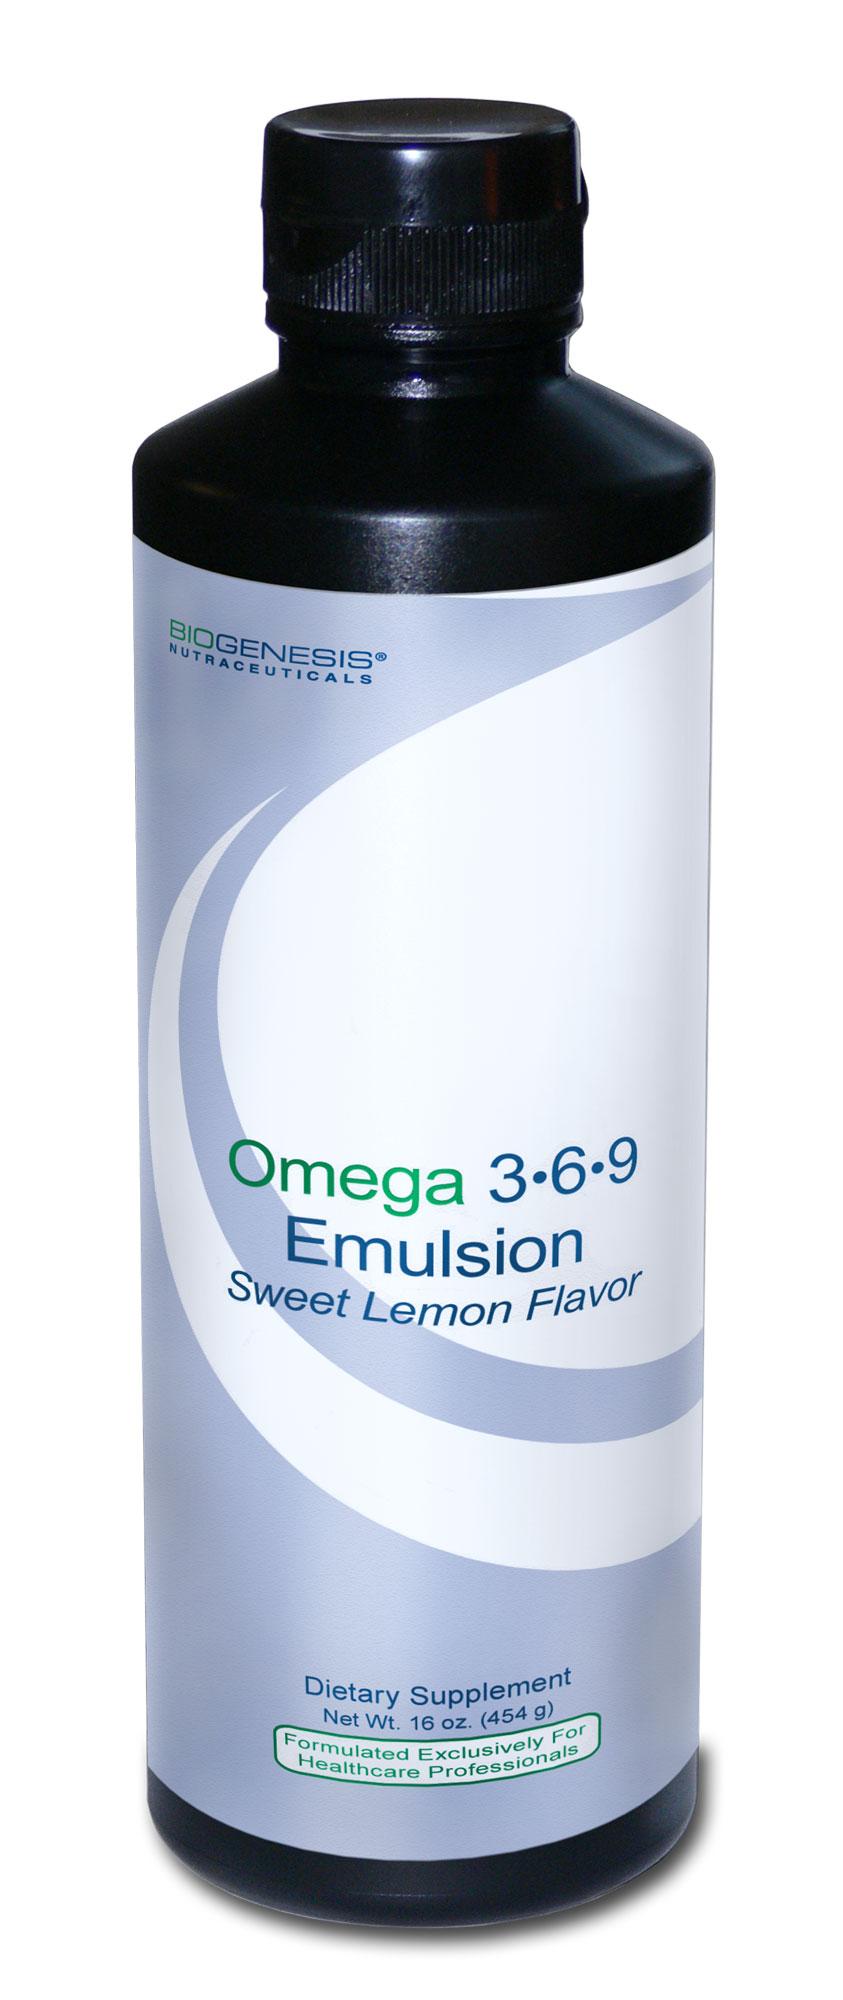 Omega-369.jpg